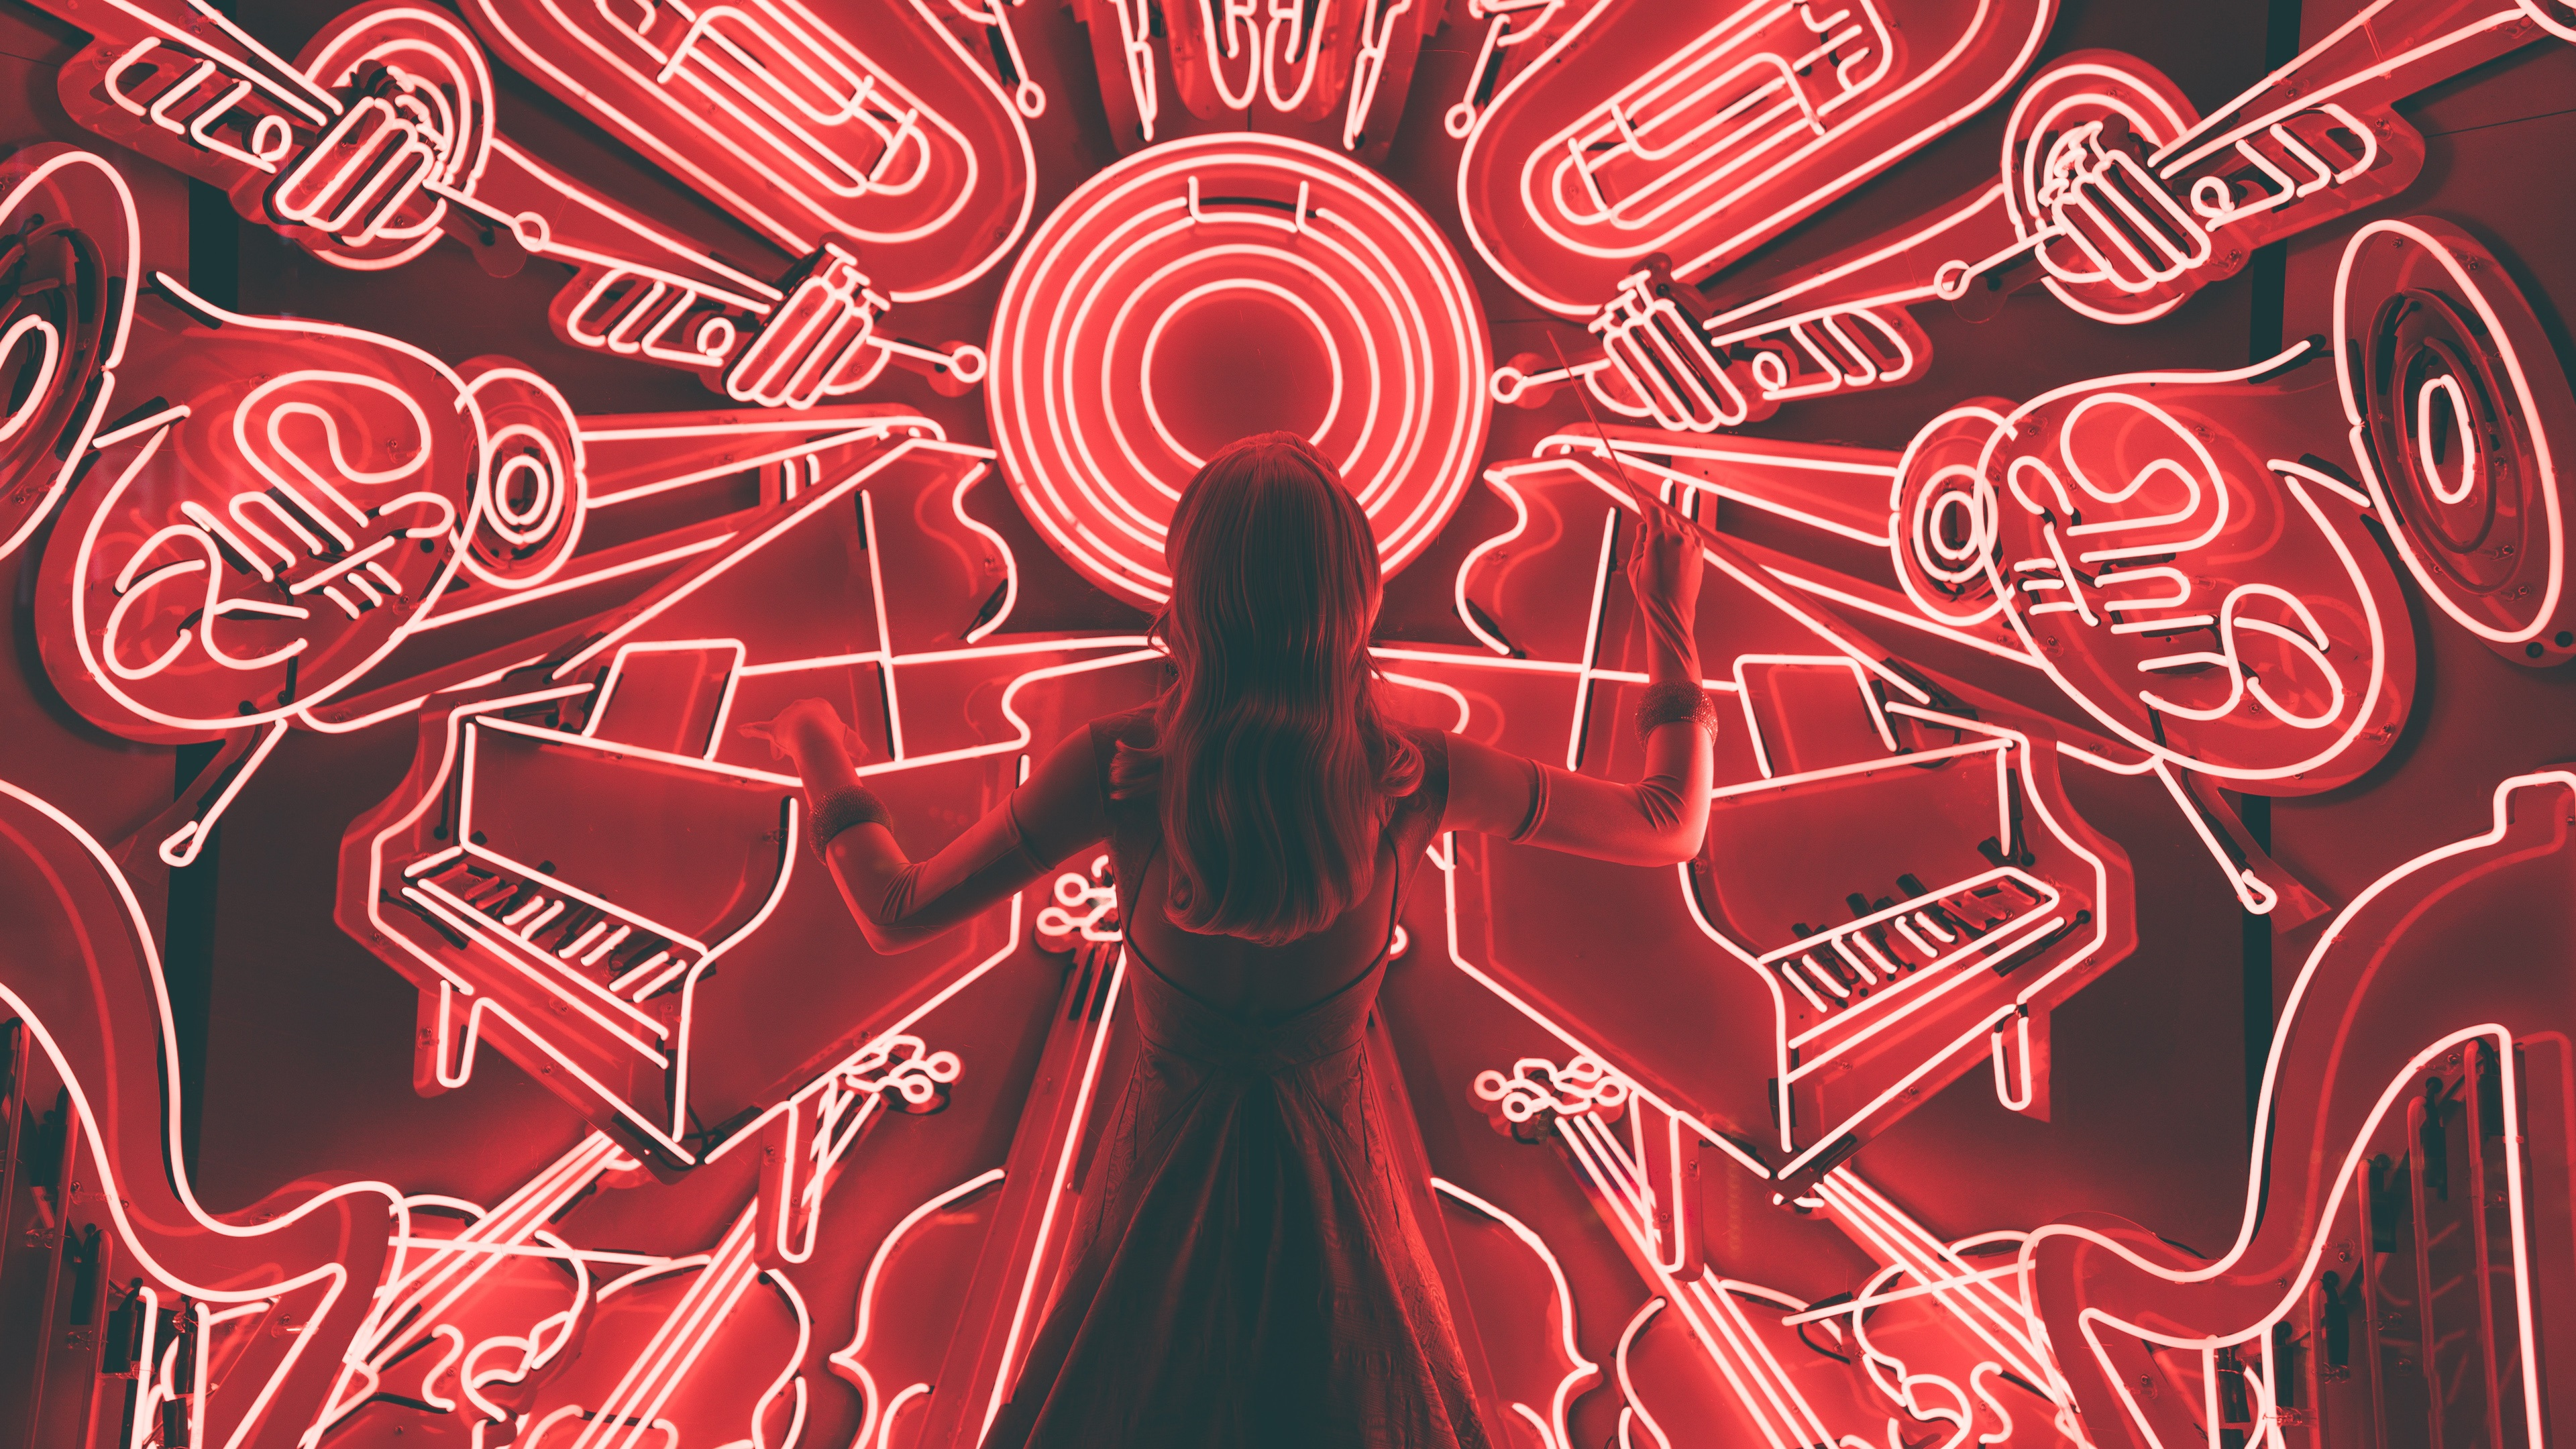 壁紙 ガールバックビュー 楽器ネオンライト 3840x2160 Uhd 4k 無料の